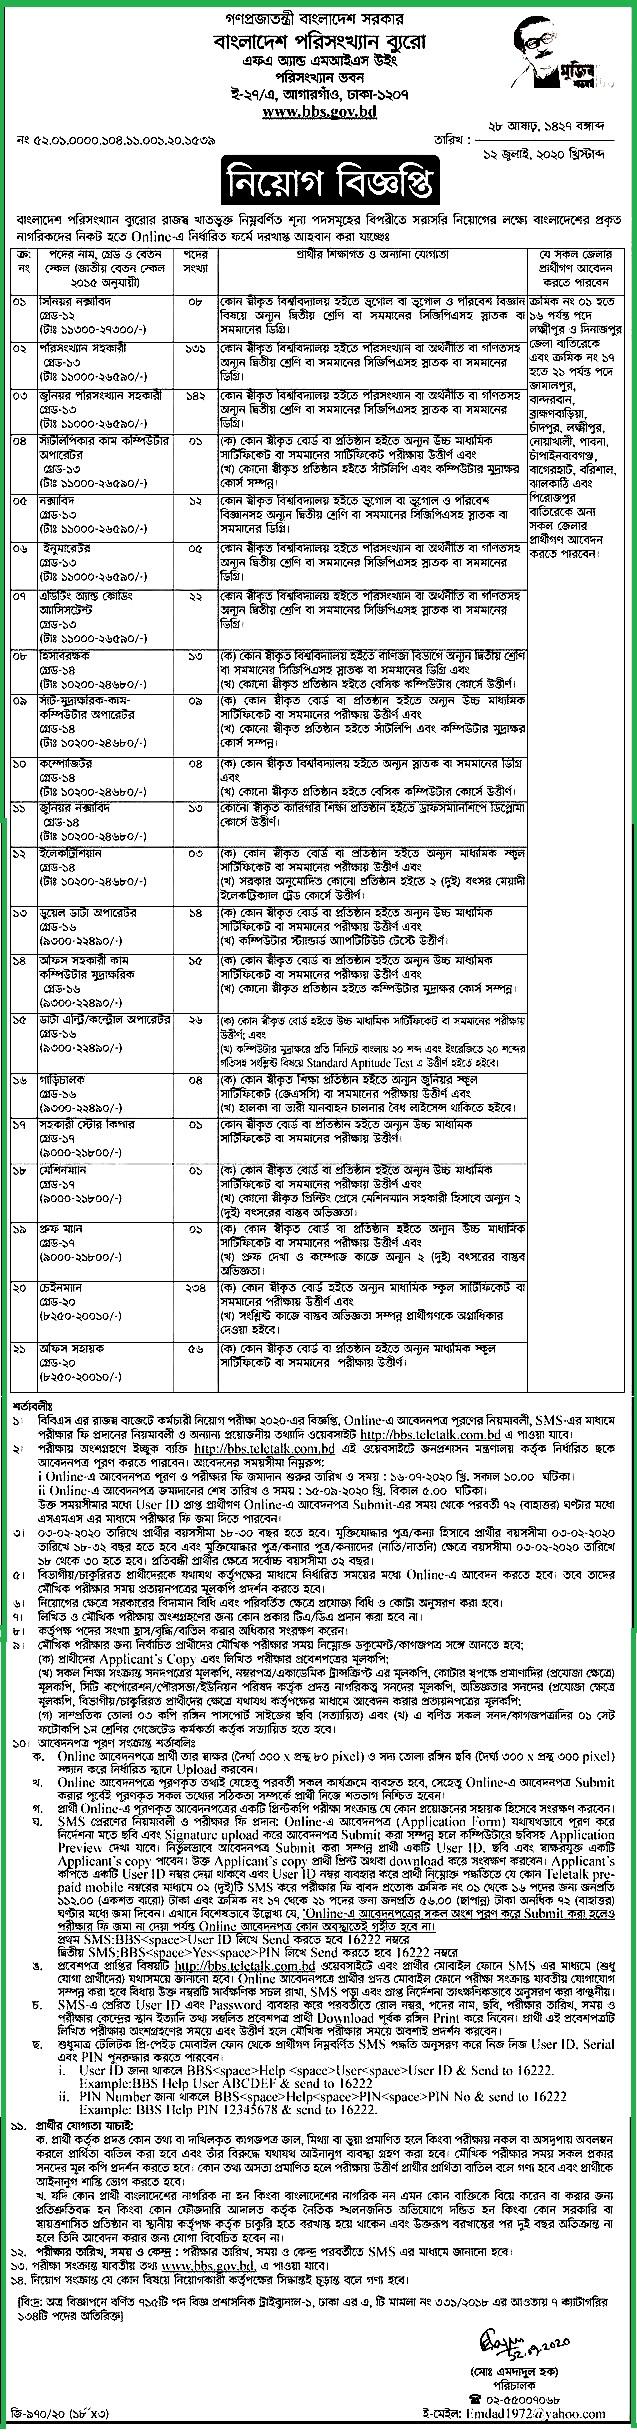 Bangladesh-Bureau-Statistics-Job-Circular